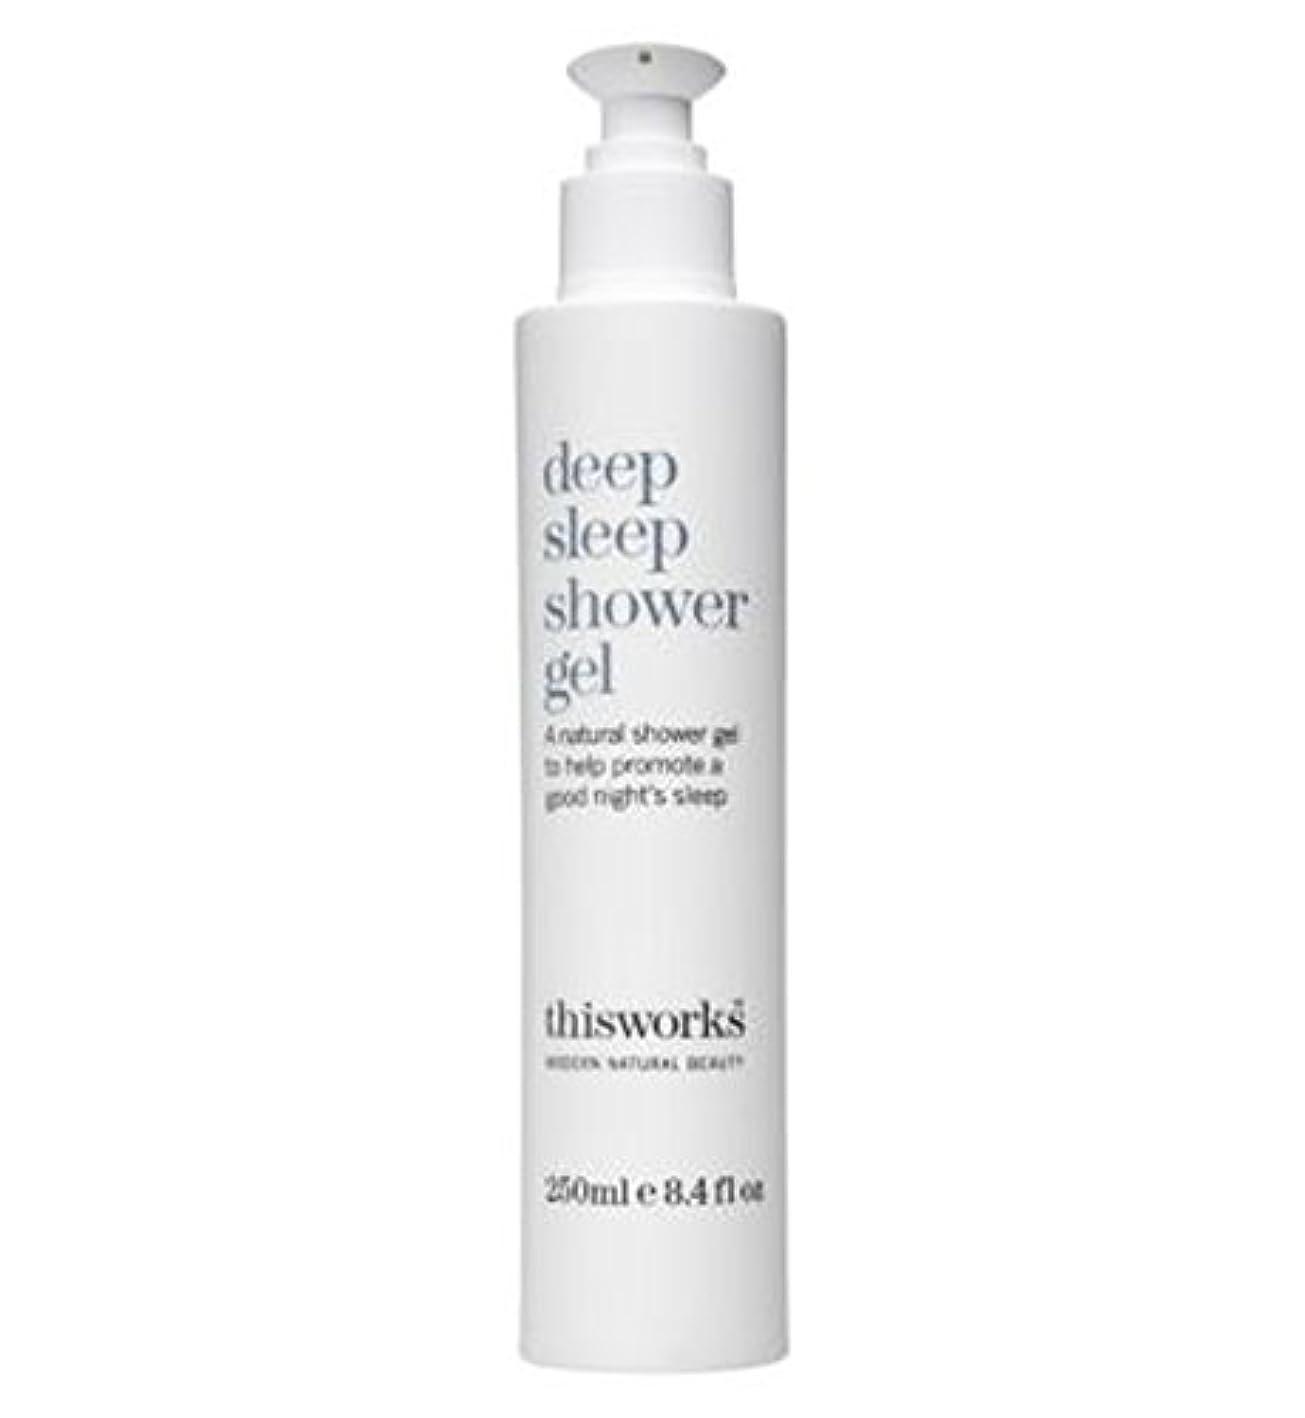 支配する結婚する日付付きこれは、深い眠りシャワージェル250ミリリットルの作品 (This Works) (x2) - this works deep sleep shower gel 250ml (Pack of 2) [並行輸入品]